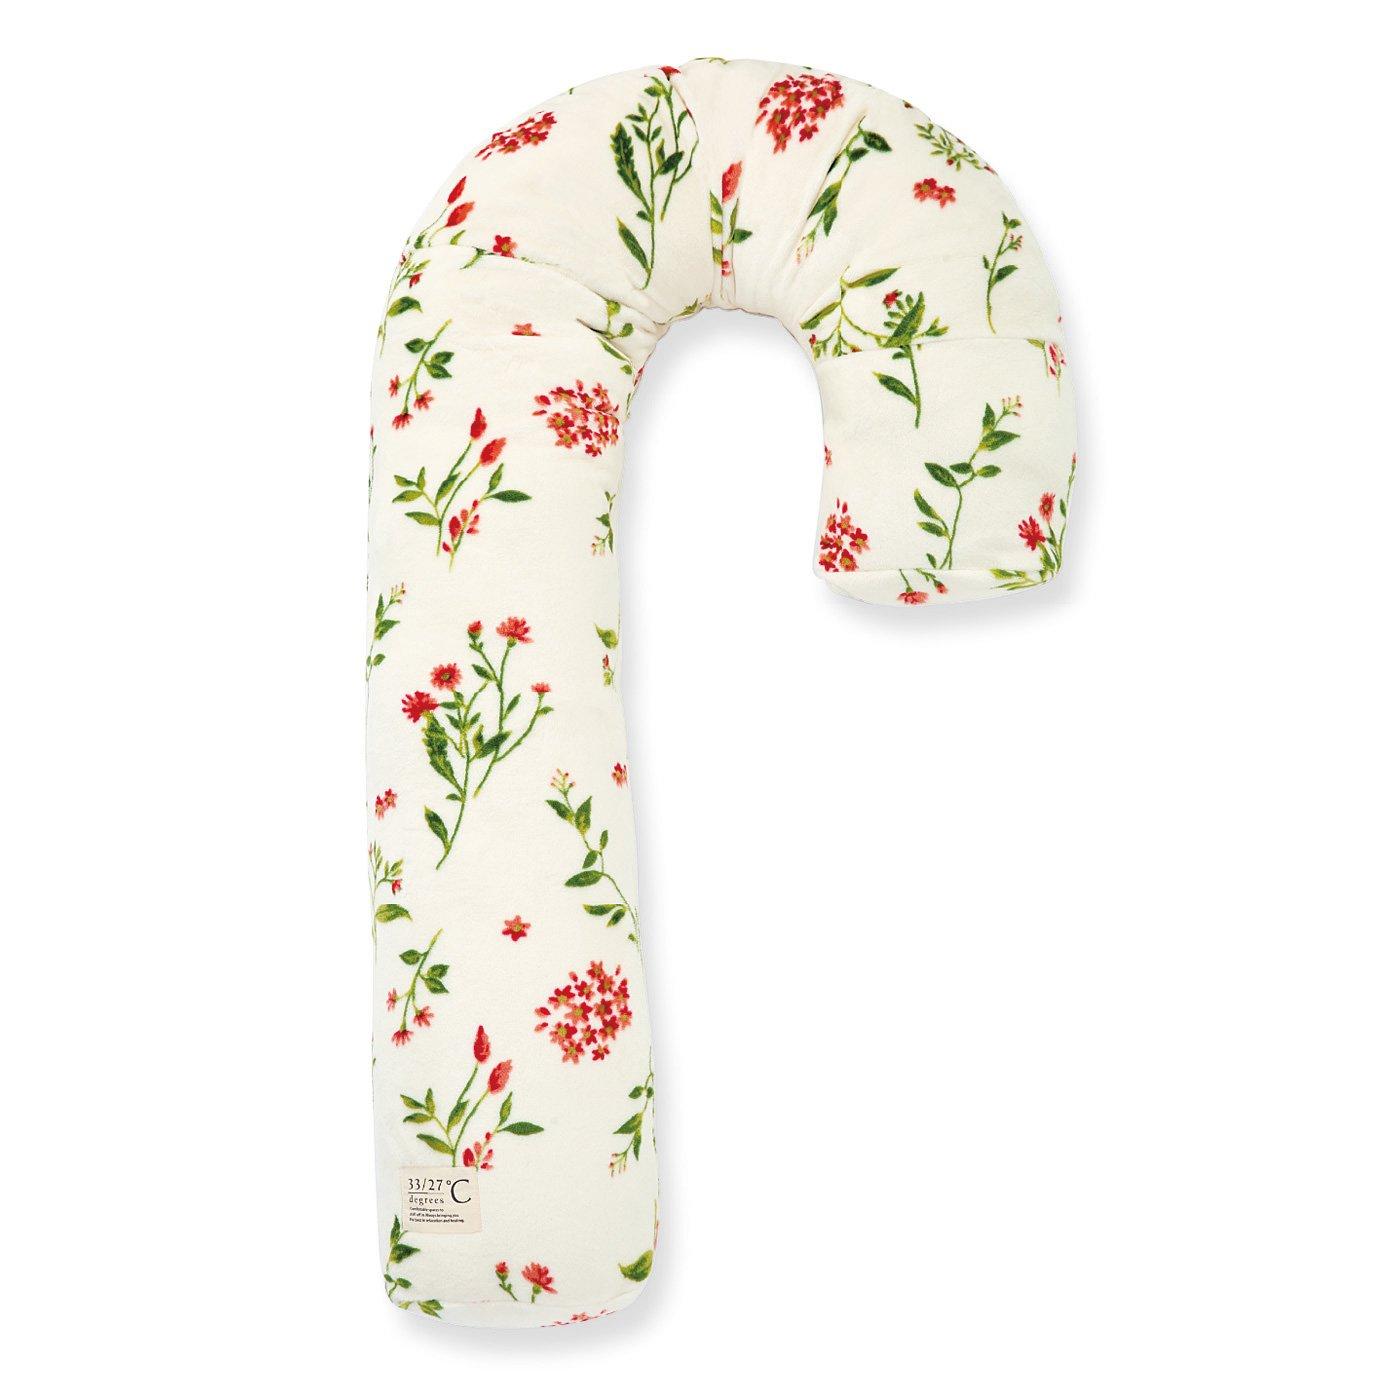 オフシーズン寝具は有効活用! 横向き寝姿がさらにらくちん あったかファーの抱き枕カバー